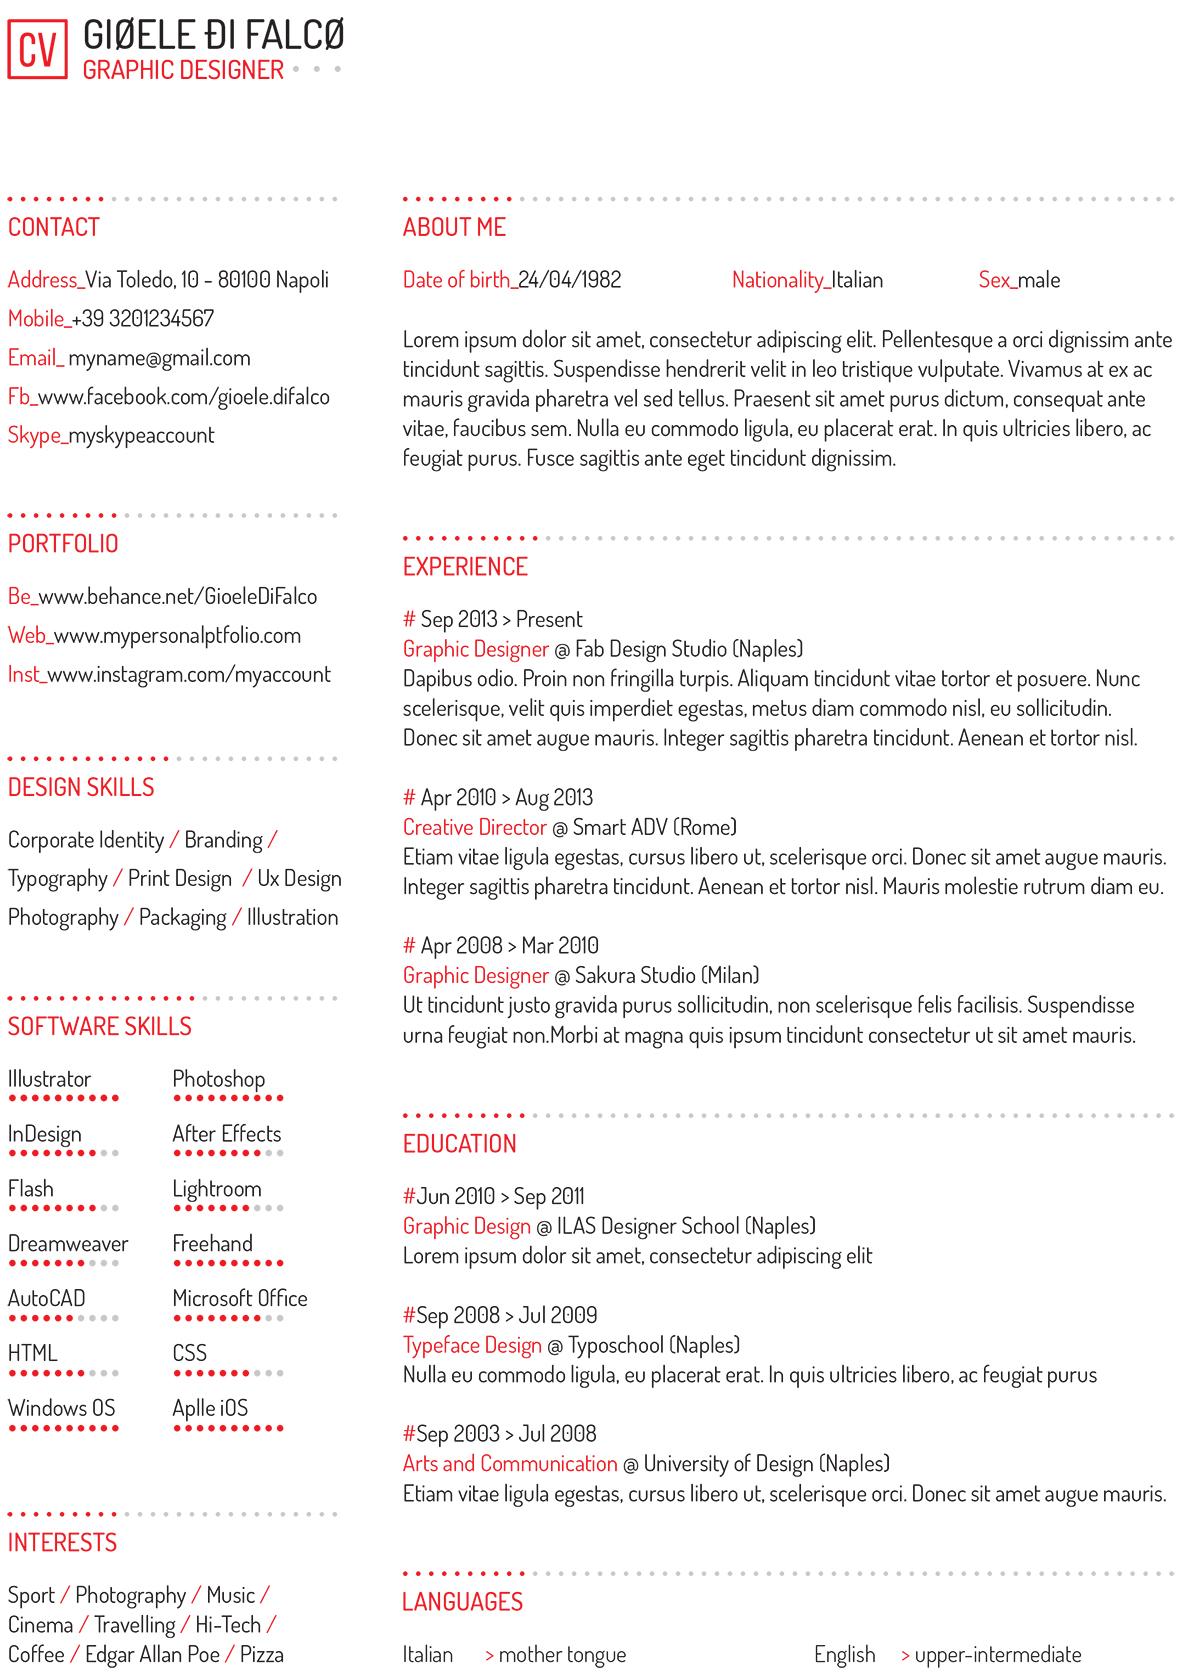 5 consejos para maquetar tu currículum | Pixartprinting